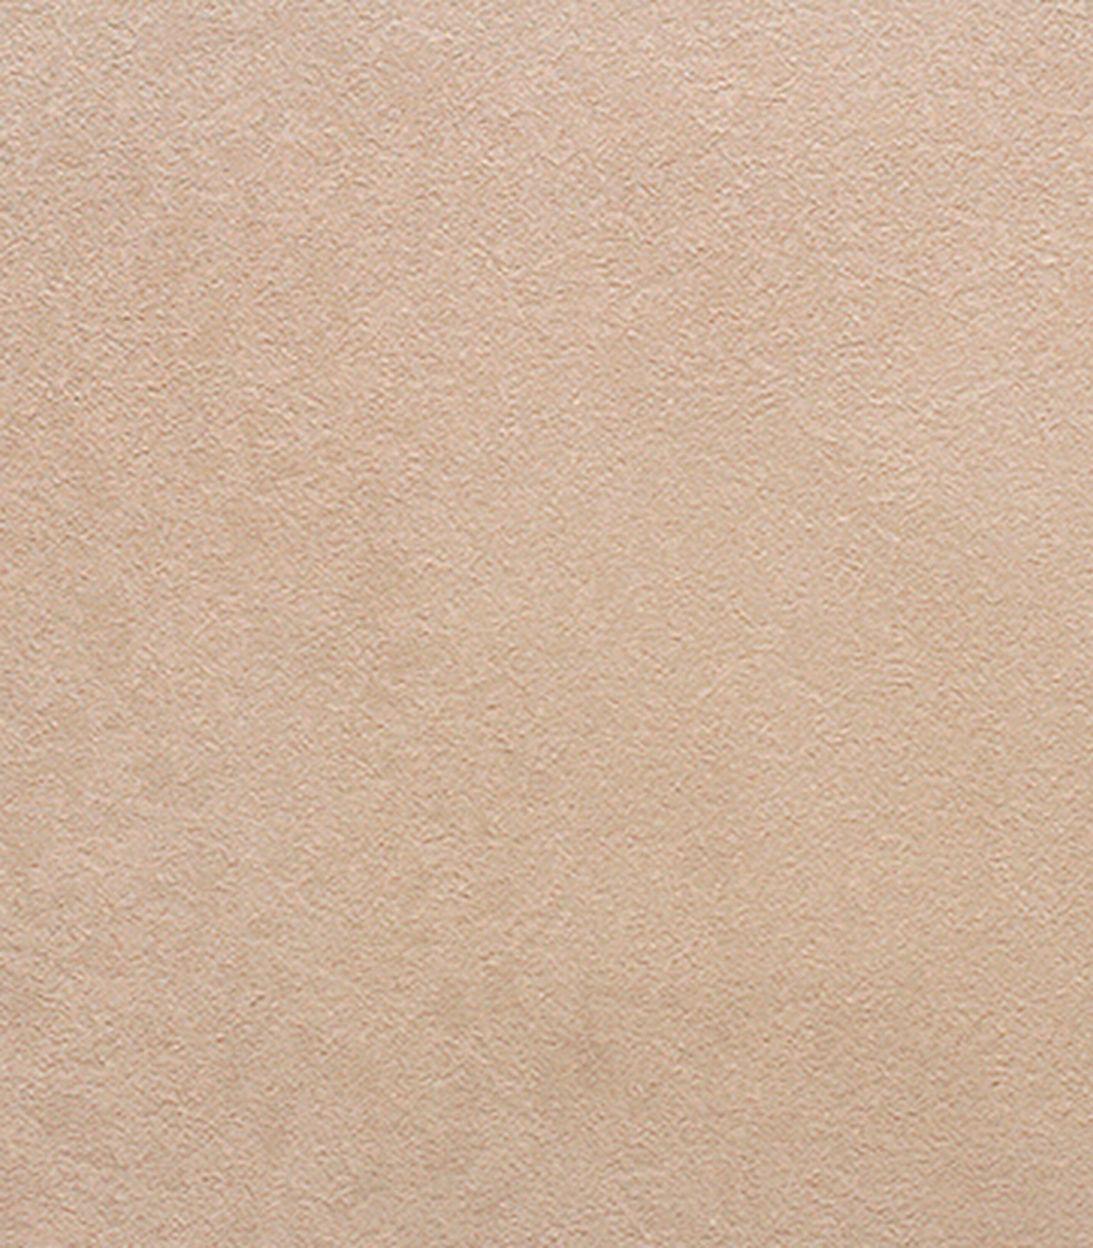 Обои виниловые на бумажной основе Elysium Бельведер 0,53х10м 68001